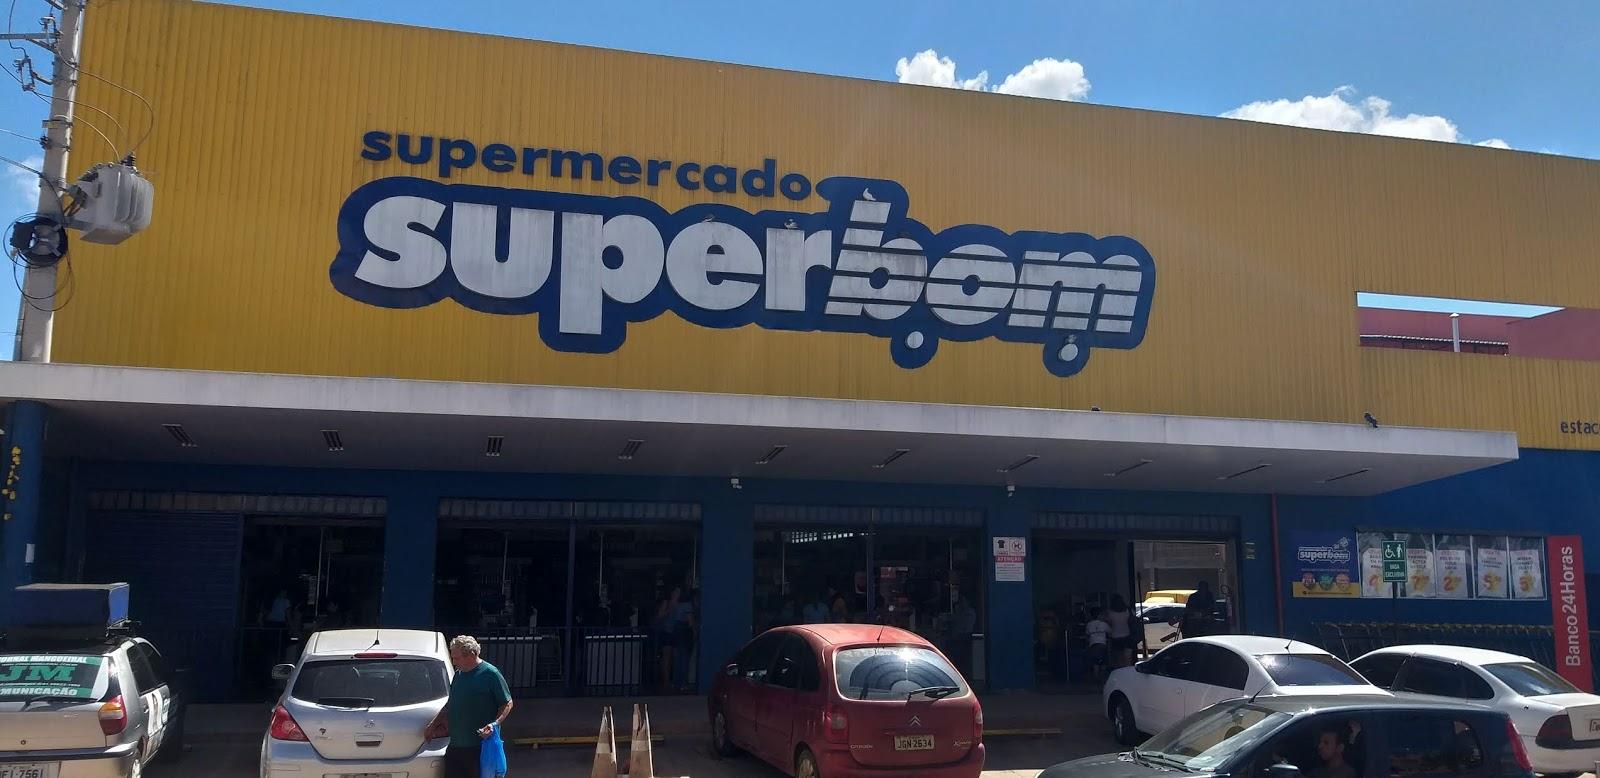 20190520 122755 - Qual é o supermercado mais barato do Jardim Botânico e São Sebastiao DF?  O Jornal Mangueiral pesquisou!